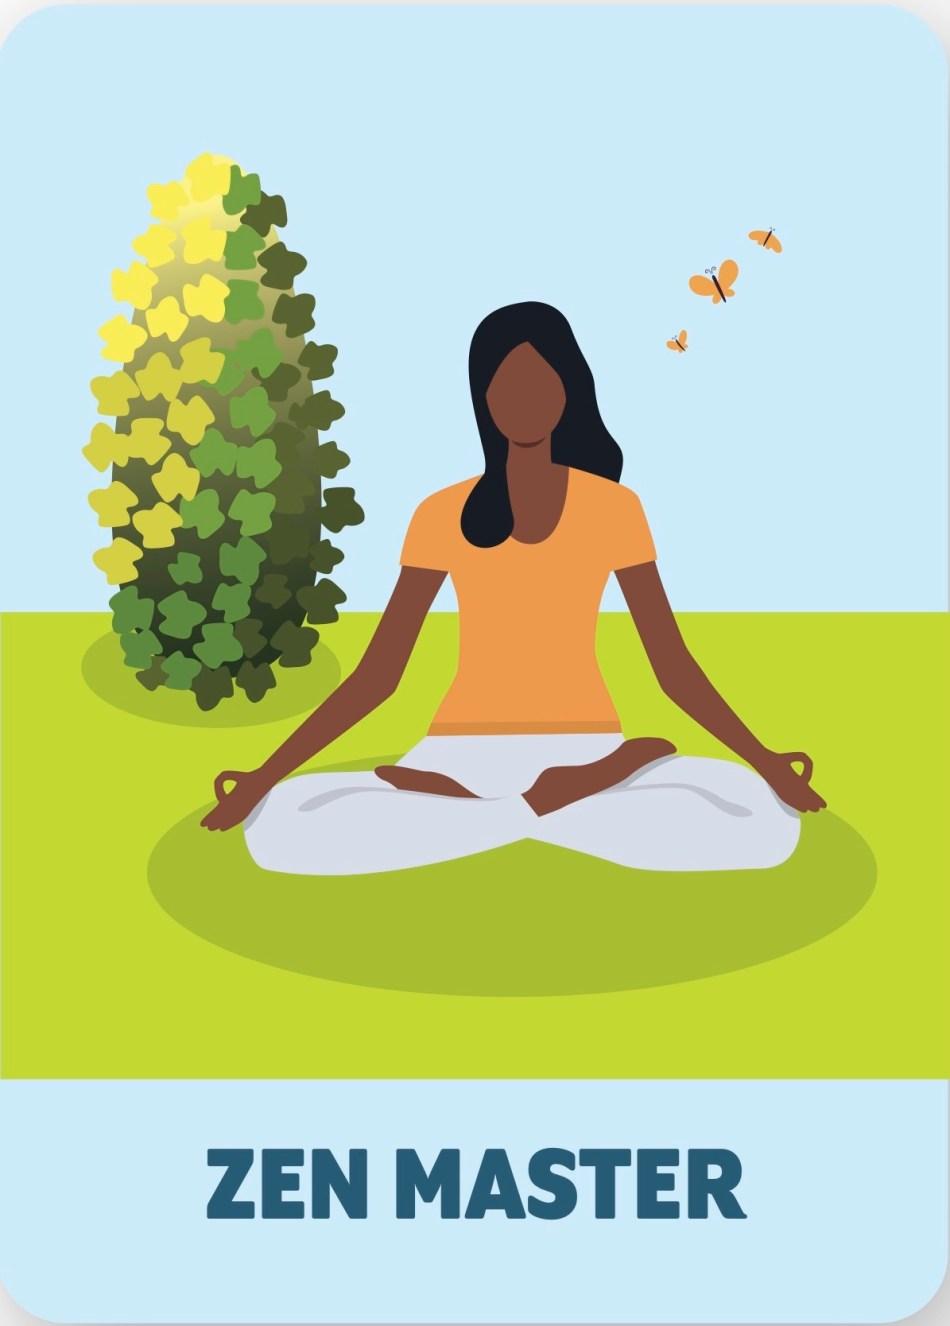 Illustration of Zen master